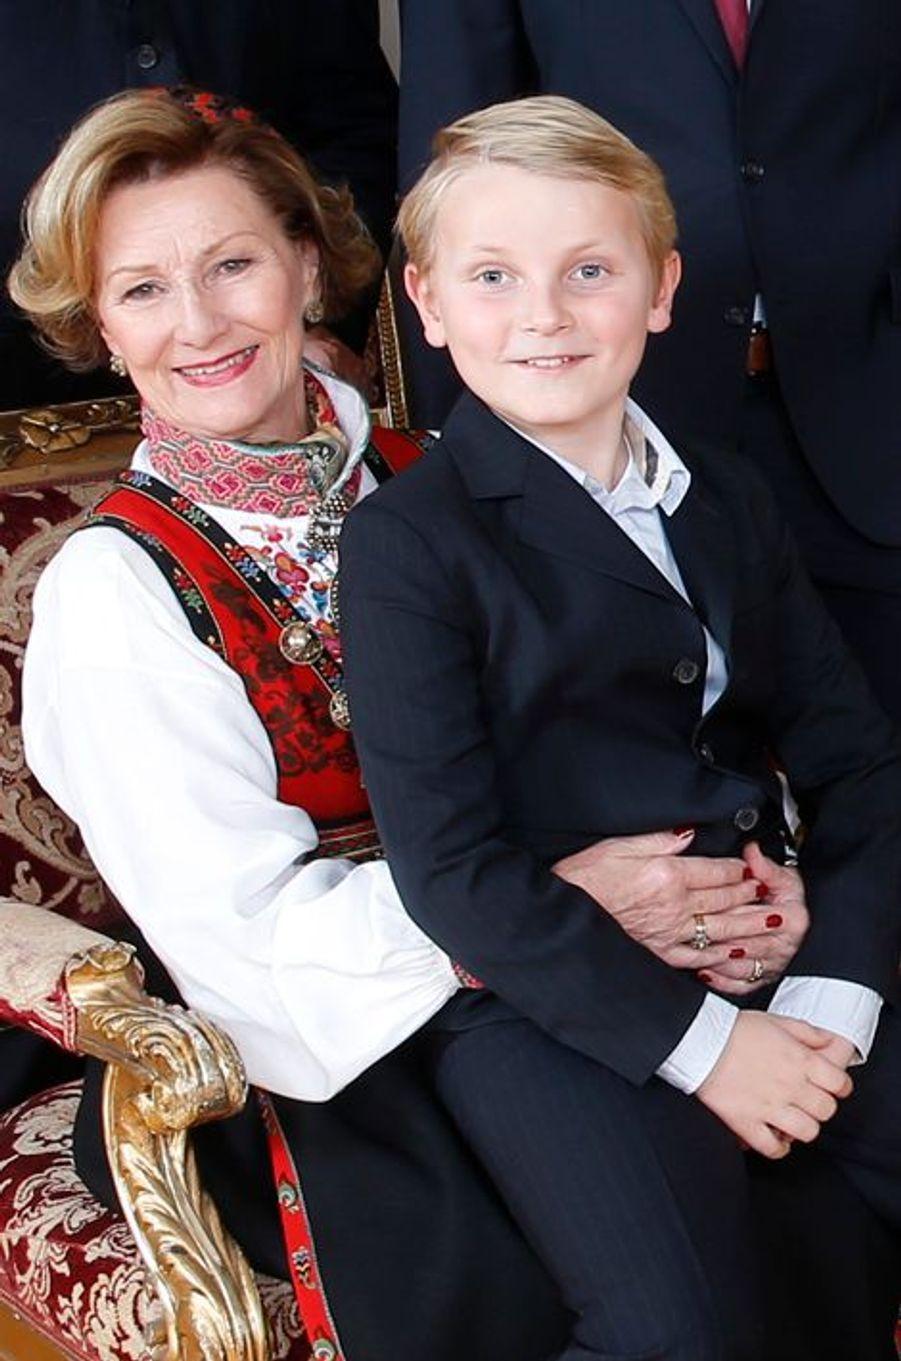 La reine Sonja et son petit-fils le prince Sverre-Magnus au Palais royal d'Oslo, le 17 décembre 2014